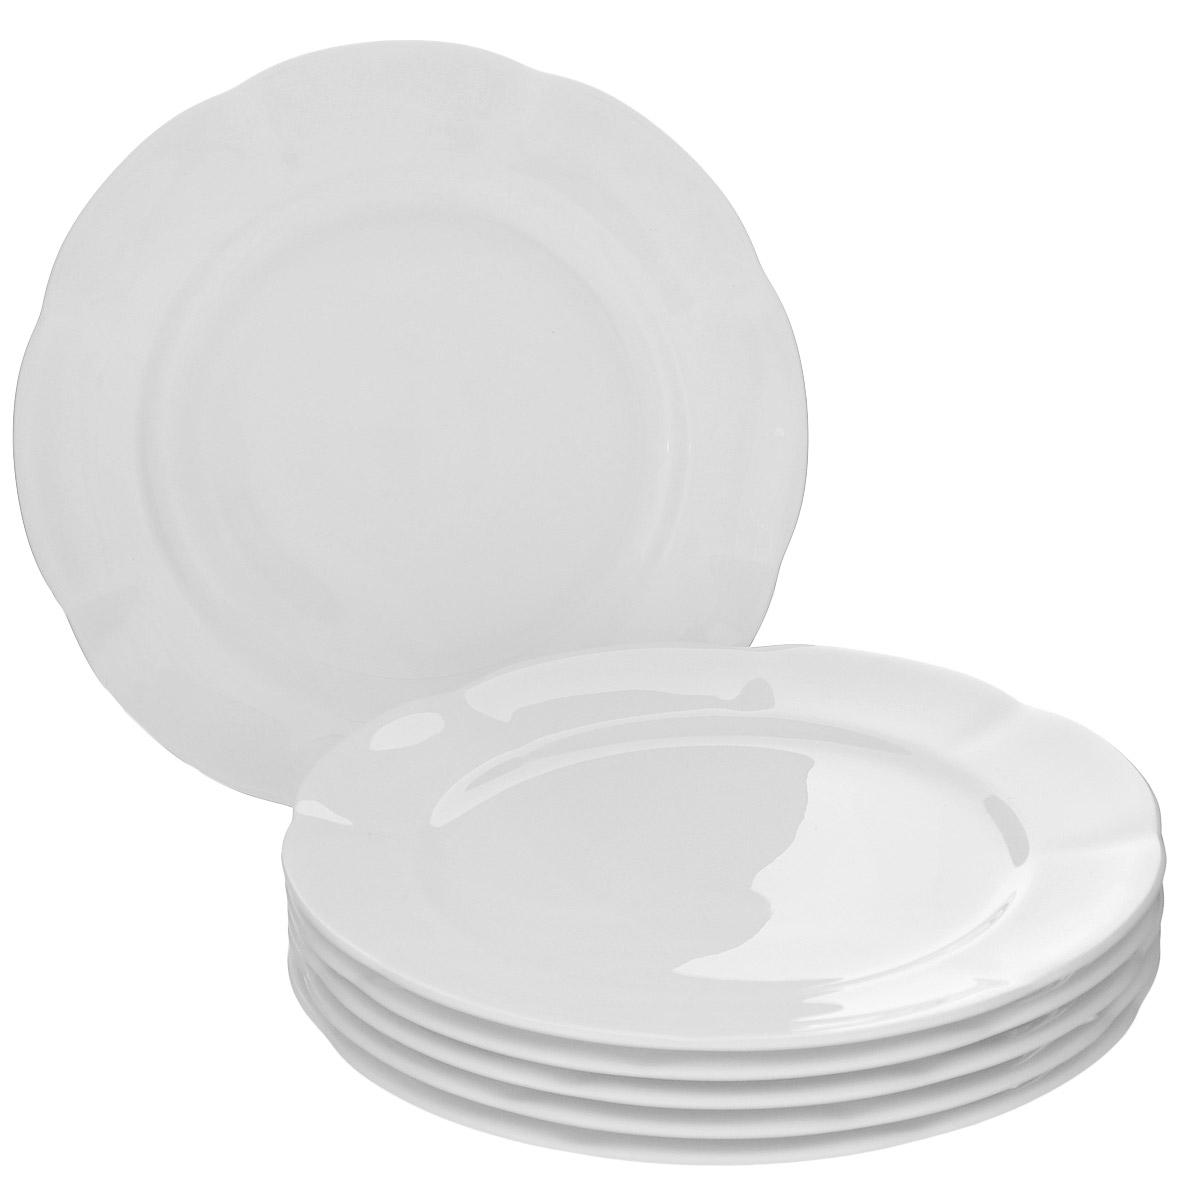 Набор десертных тарелок Royal Bone China White, диаметр 16 см, 6 шт89ww/0305Набор Royal Bone China White состоит из 6 десертных тарелок, выполненных из особого фарфора с 45% содержанием костяной муки. Основным достоинством изделий из костяного фарфора является прозрачность и абсолютно гладкая глазуровка. В итоге получаются изделия, сочетающие изысканный вид с прочностью и долговечностью. Изделия Royal Bone China по праву считаются элитными. Данная торговая марка хорошо известна в Европе и Азии, а теперь и жители нашей страны смогут приобрести потрясающие сервизы. Royal Porcelain Public Company Ltd (Таиланд) - ультрасовременное предприятие, оснащенное немецким оборудованием, ежегодно выпускает более 33 миллионов изделий, которые поставляются более чем в 50 стран. Среди клиентов компании - сети отелей Marriott, Hyatt, Sheraton, Hilton. Компания предлагает разнообразный ассортимент с постоянным обновлением коллекций. Диаметр: 16 см.